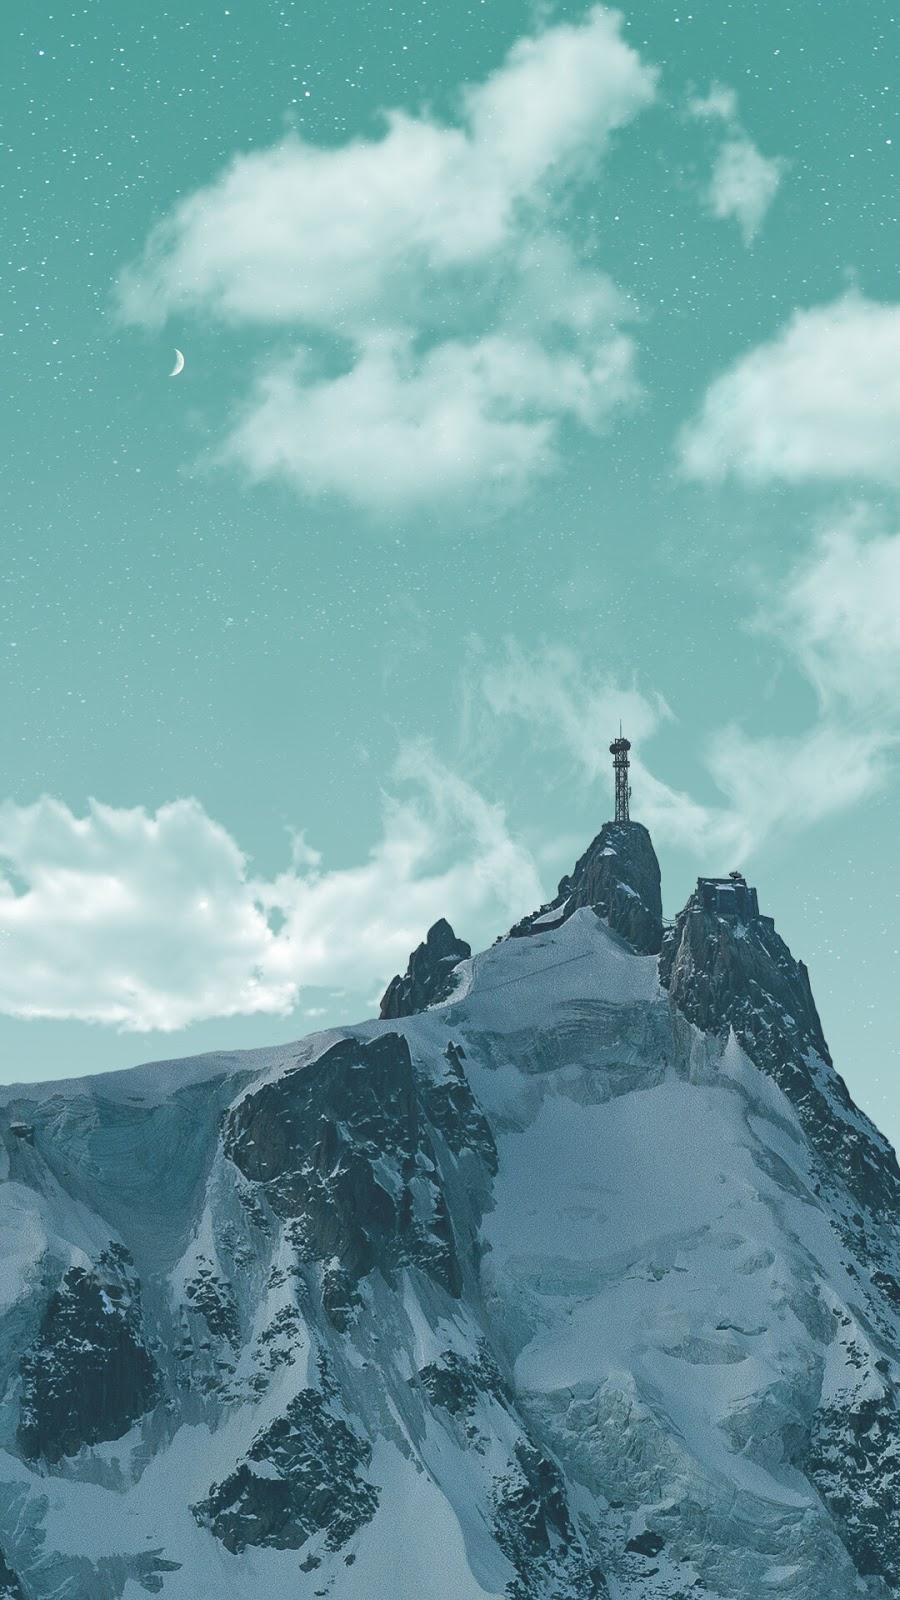 mountain snow tower